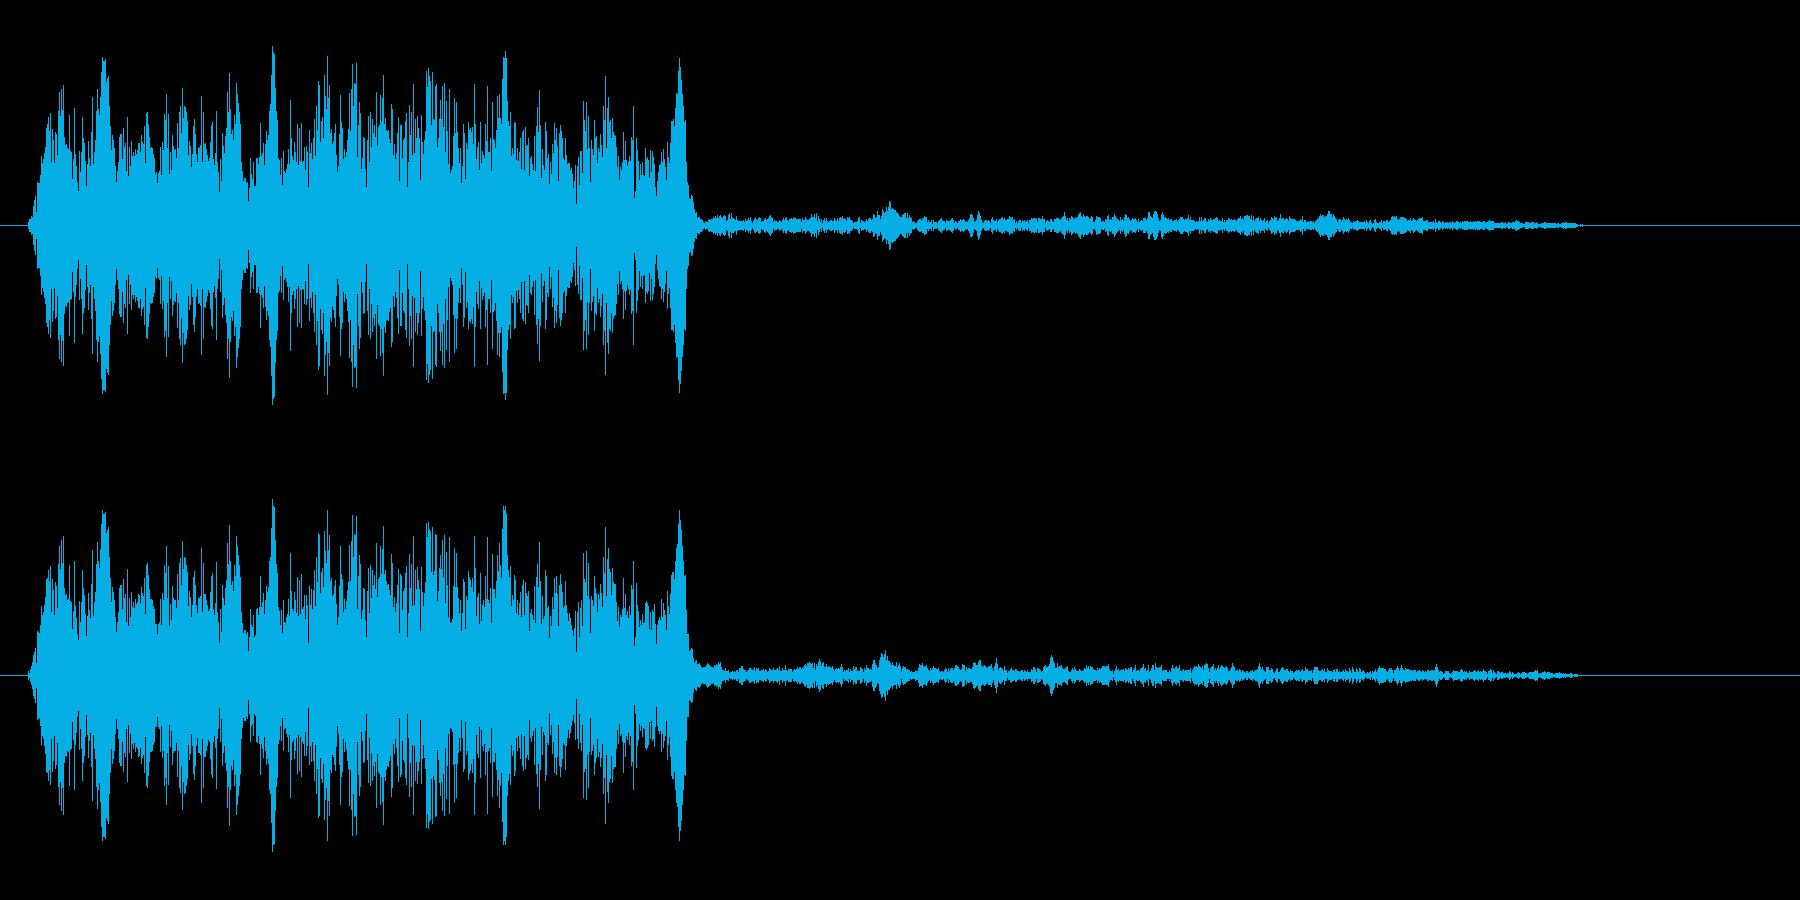 キュワ(摩擦または鳴き声)の再生済みの波形